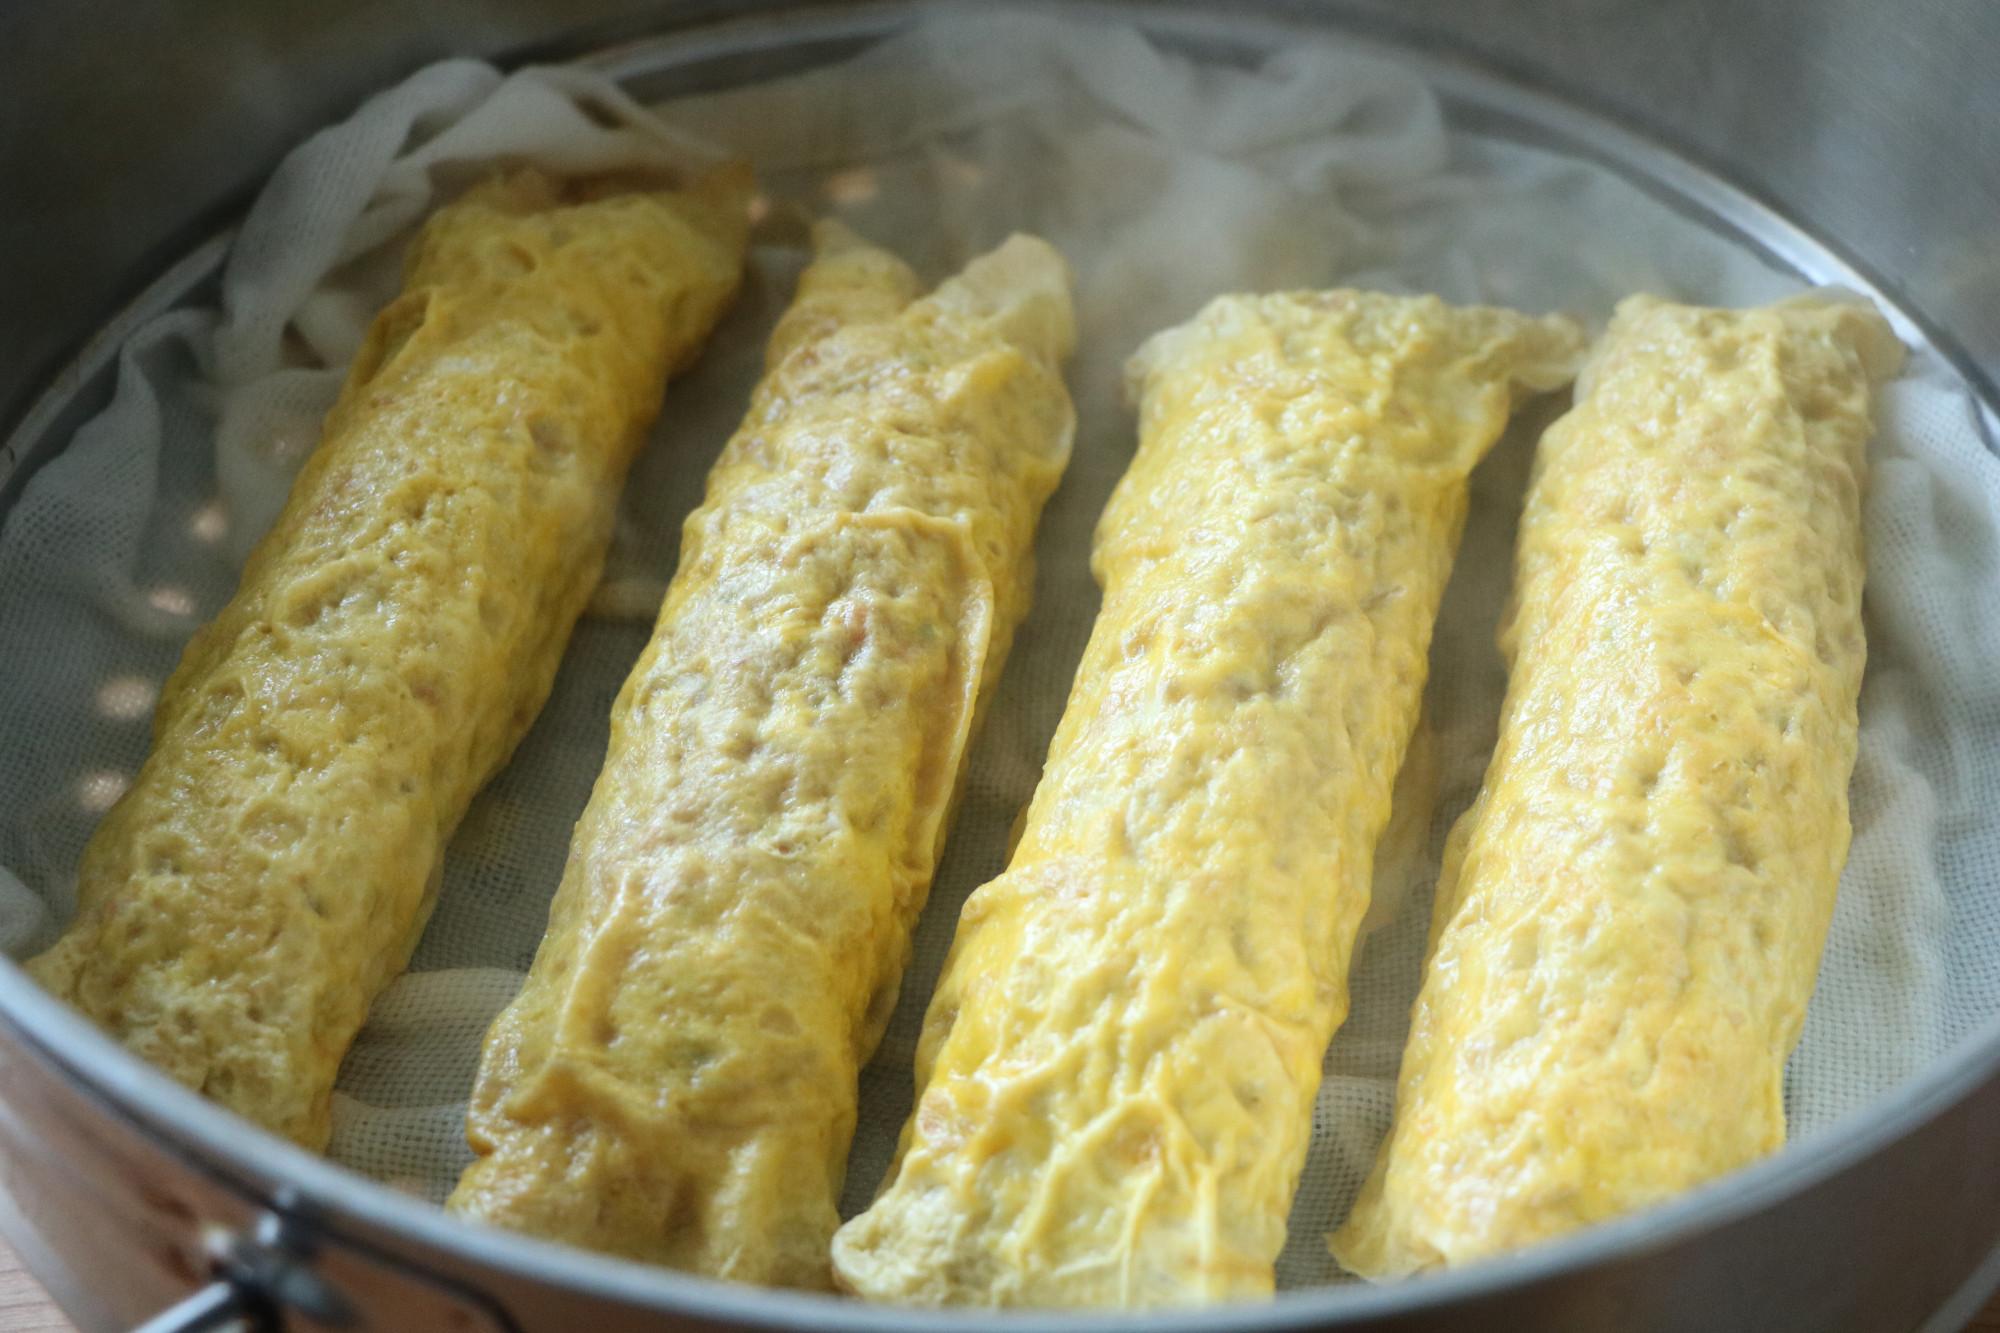 這道菜老少皆宜,比蛋餃簡單快手,年夜飯做給家人吃妥妥的